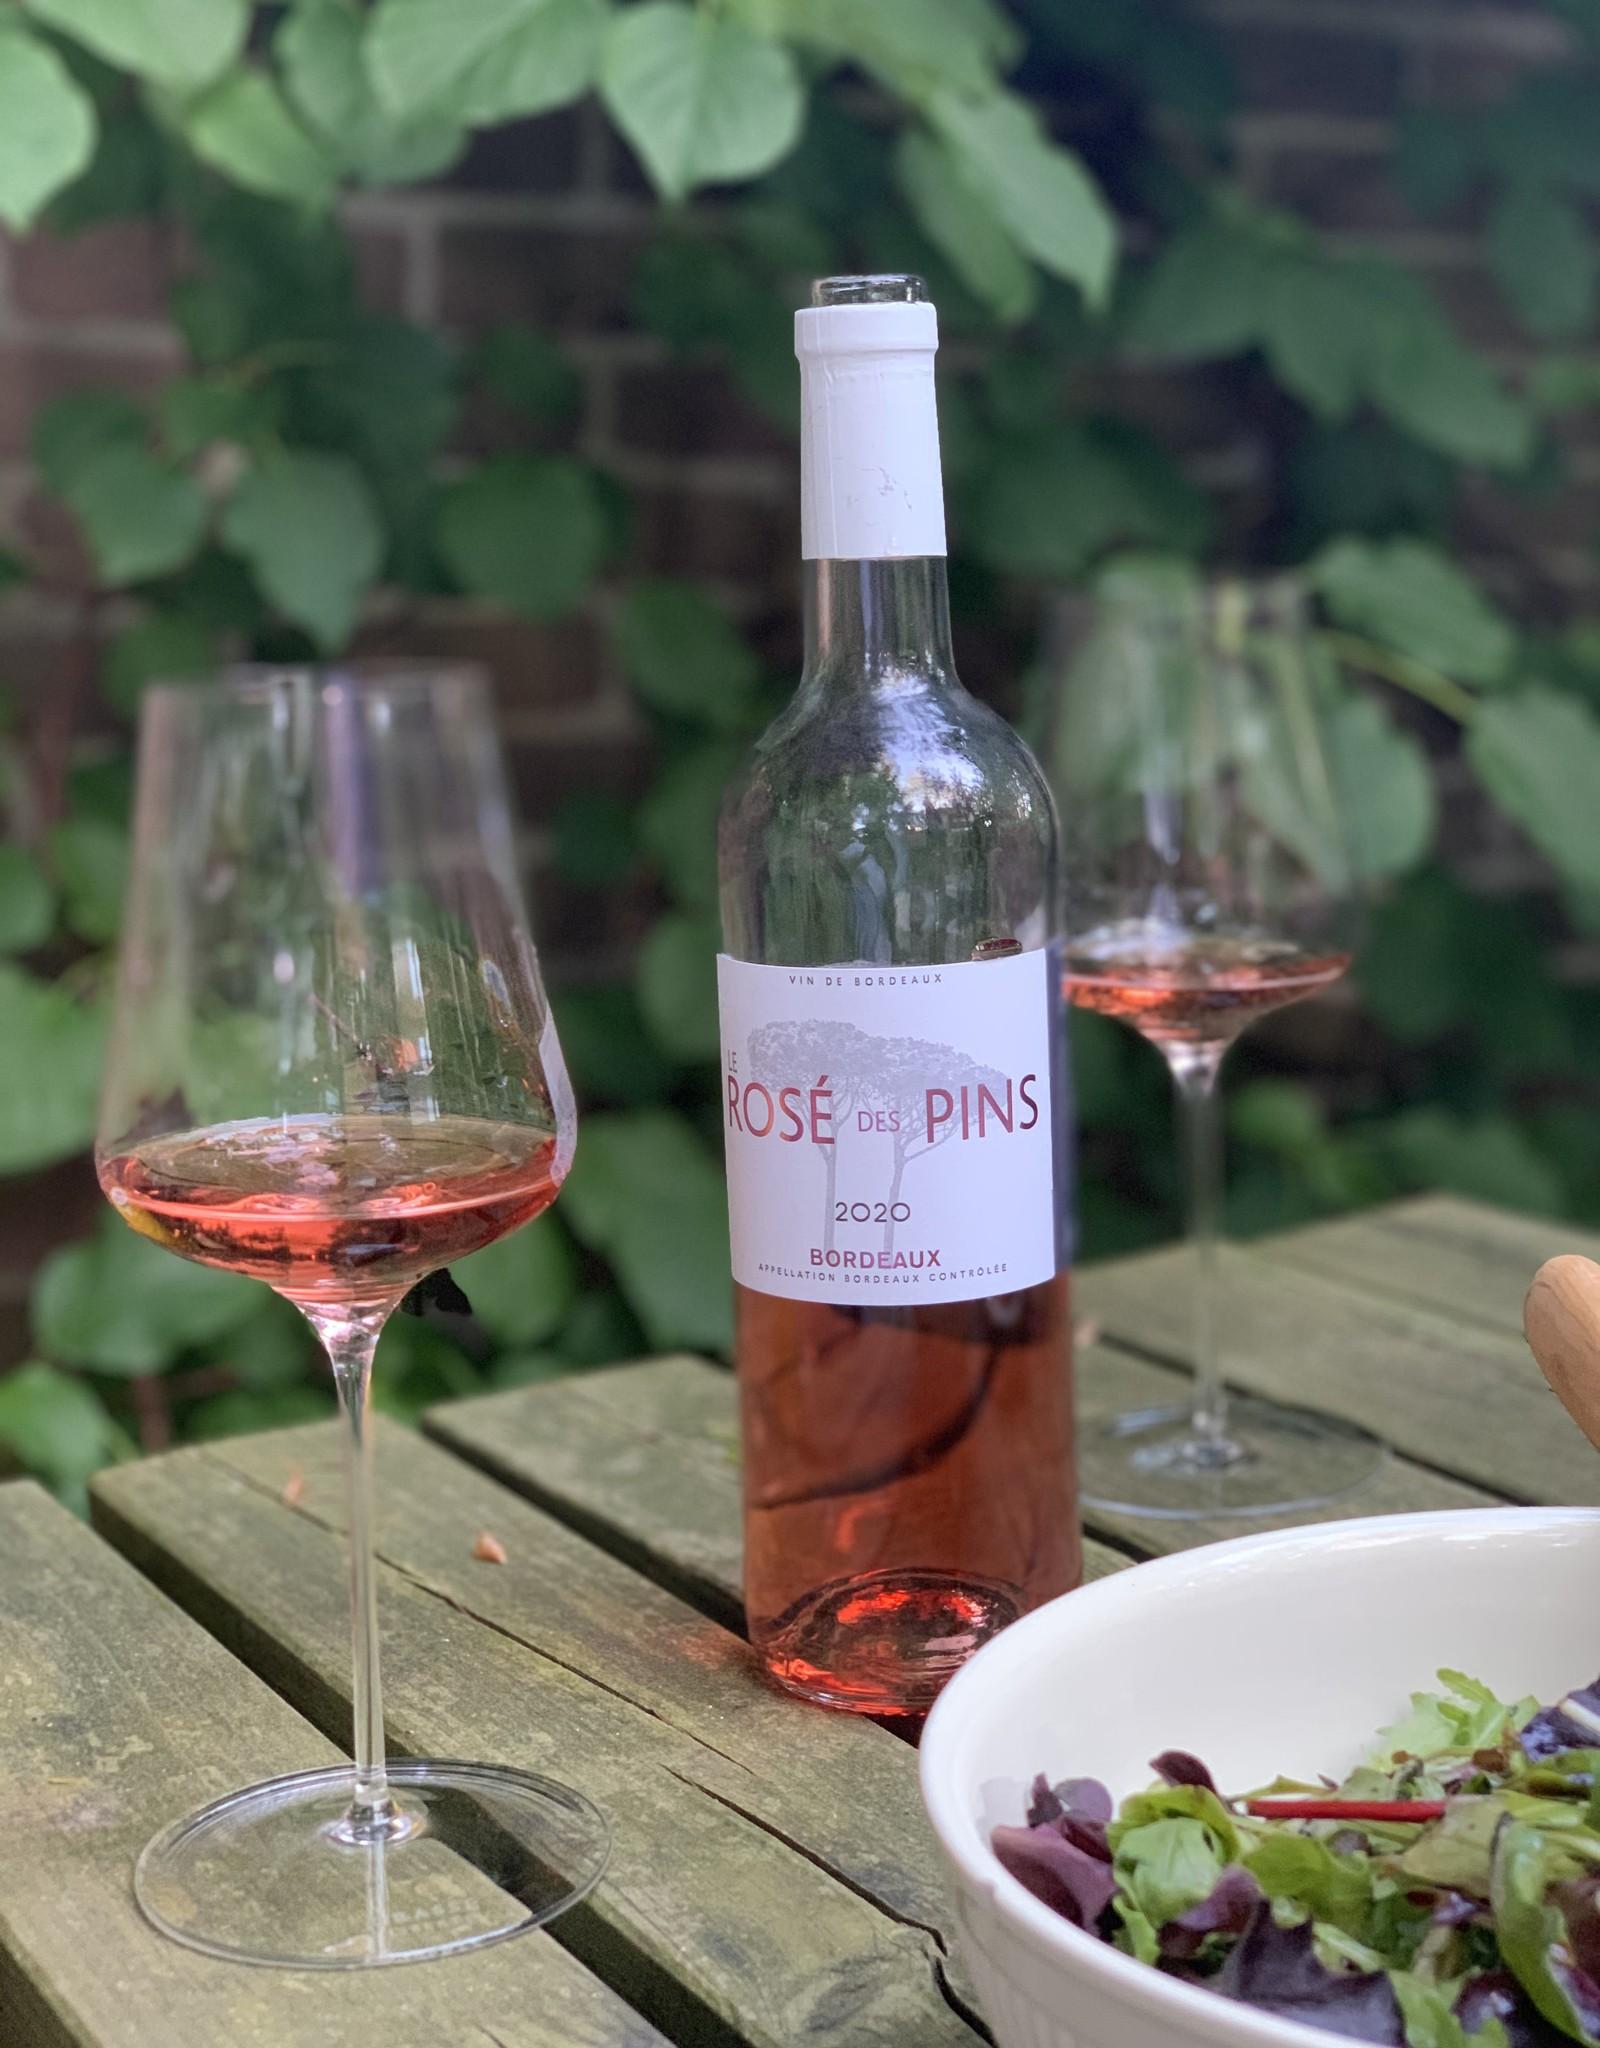 Rosé des Pins  - Bordeaux Rosé 2020